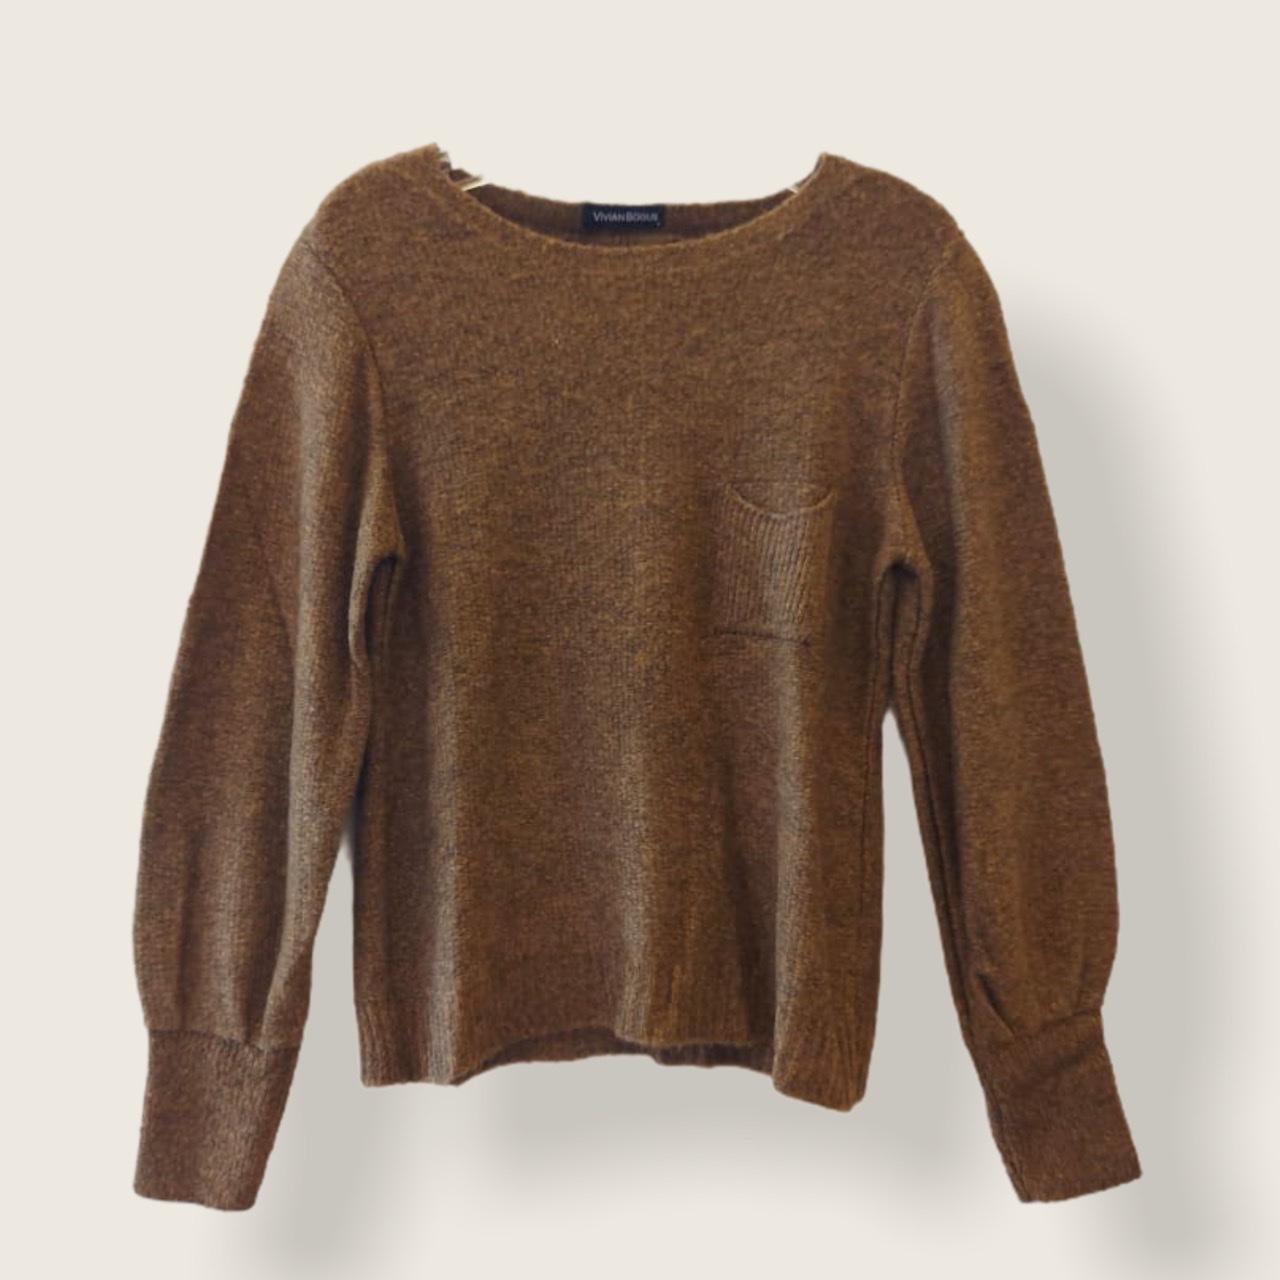 Blusa tricô bolsinho cor caramelo  - Vivian Bógus